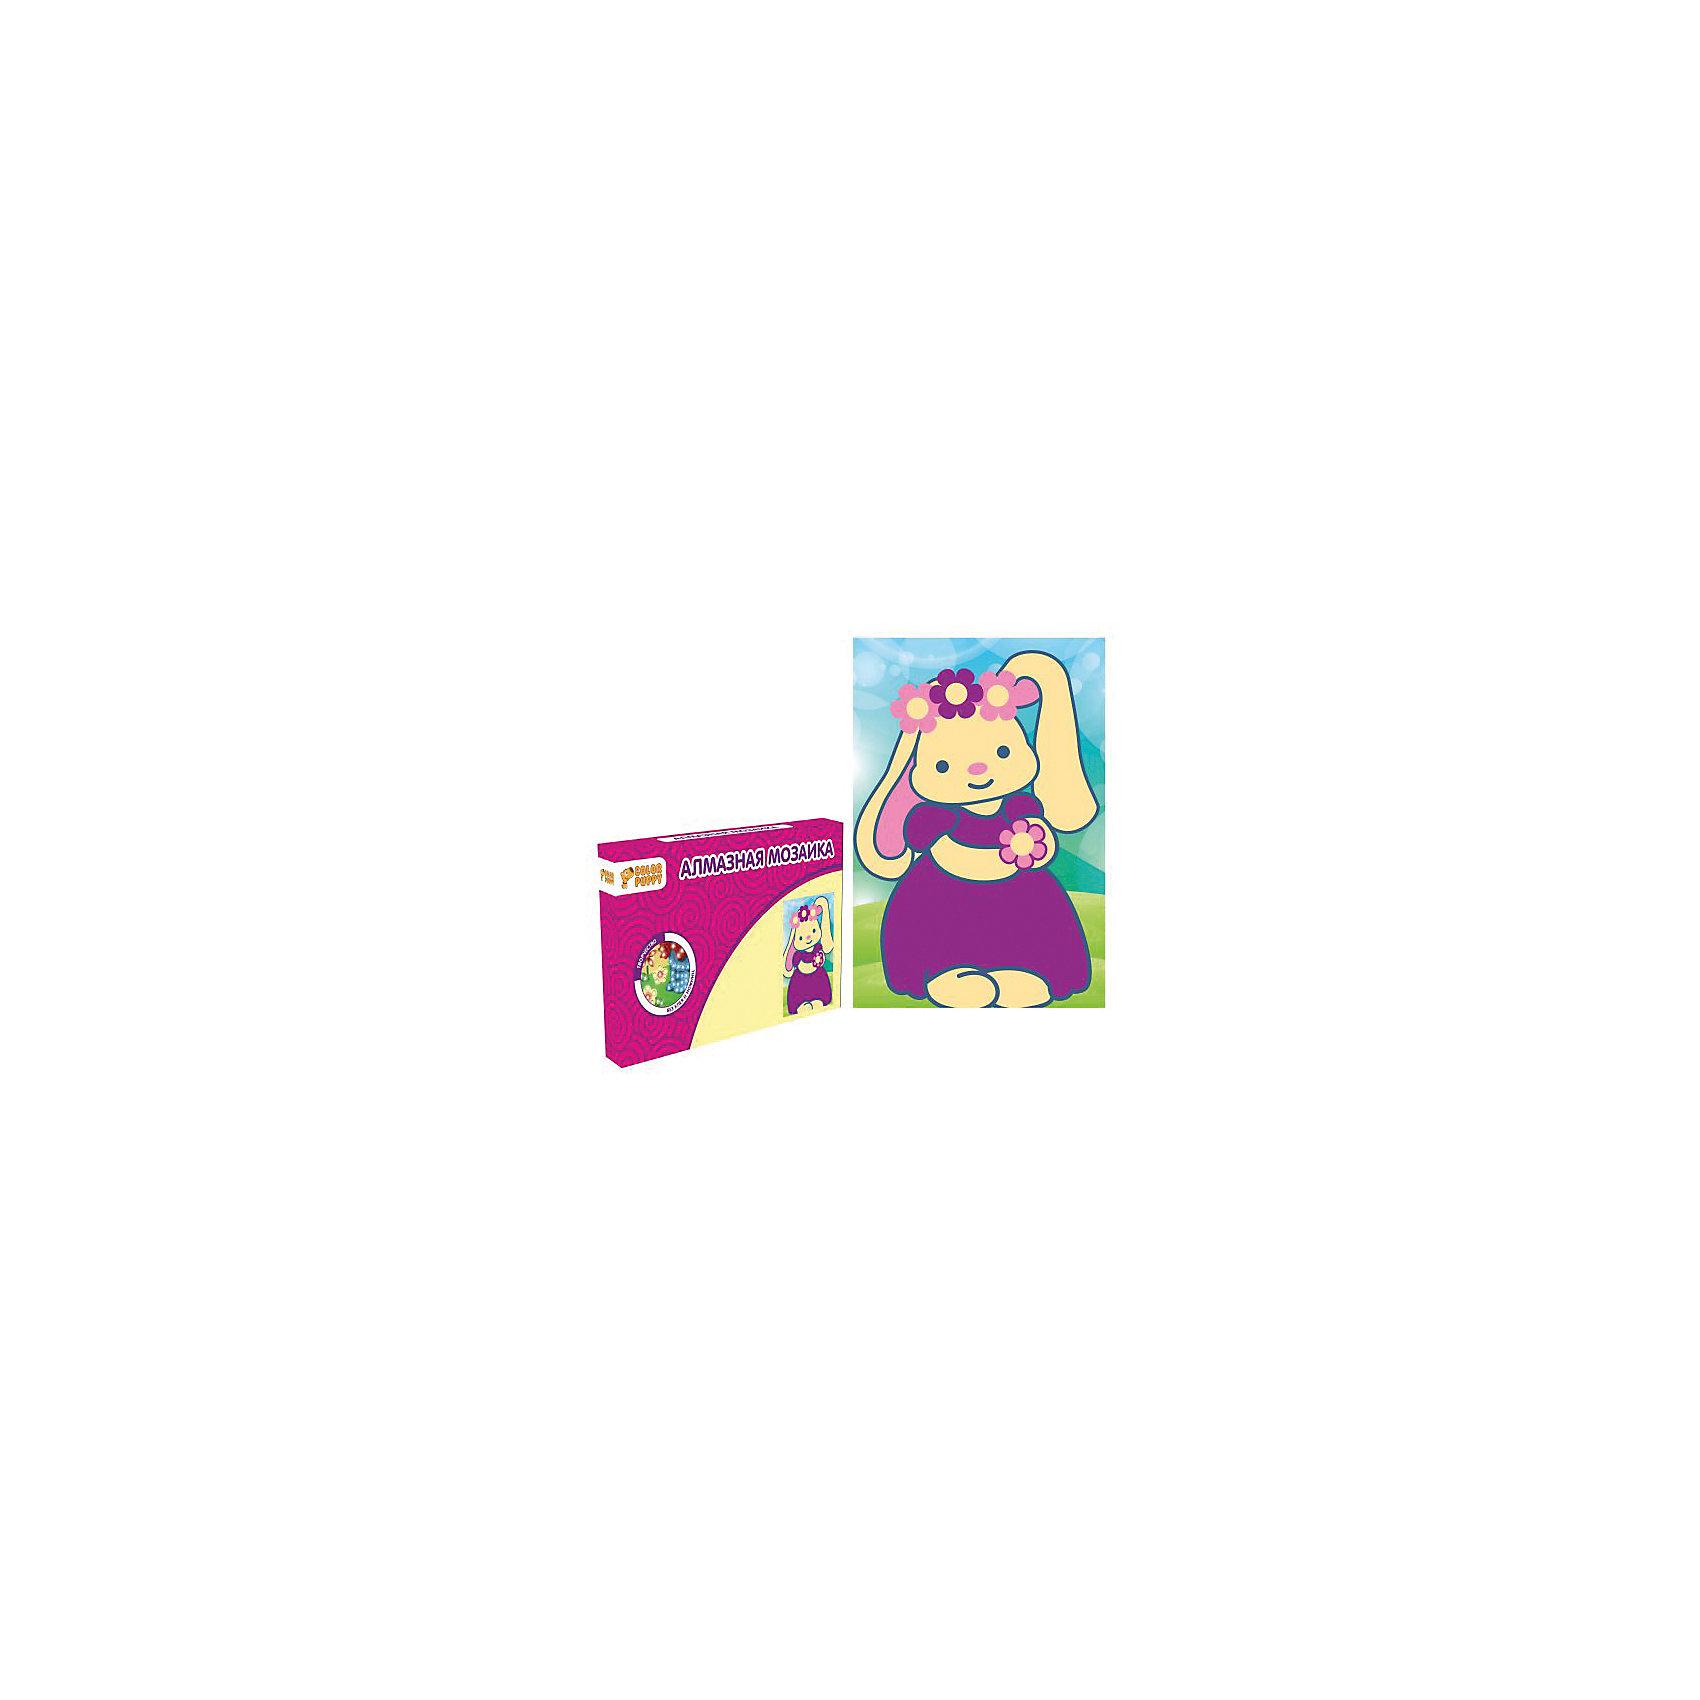 Color Puppy Набор для творчества Алмазная мозаика «Зайка» набор для творчества color puppy сверкающая аппликация попугай